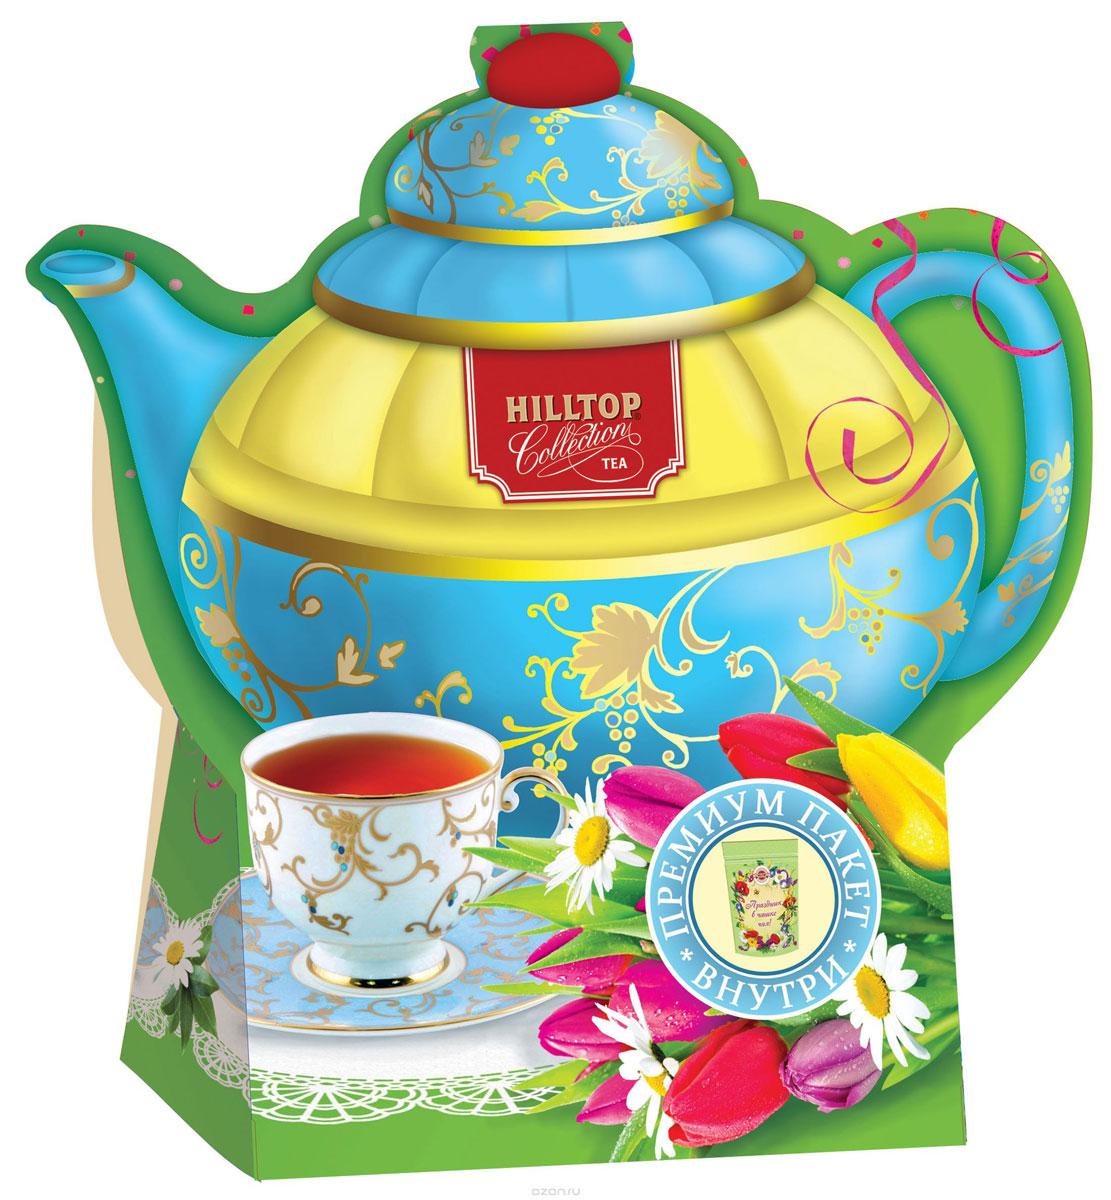 Hilltop Подарок Цейлона черный листовой чай, 80 г (чайник Тюльпаны)4607099306721Крупнолистовой цейлонский черный чай Hilltop Подарок Цейлона с глубоким, насыщенным вкусом и изумительным ароматом. Благодаря красивой праздничной упаковке вы можете подарить этот прекрасный чай своим друзьям и близким.